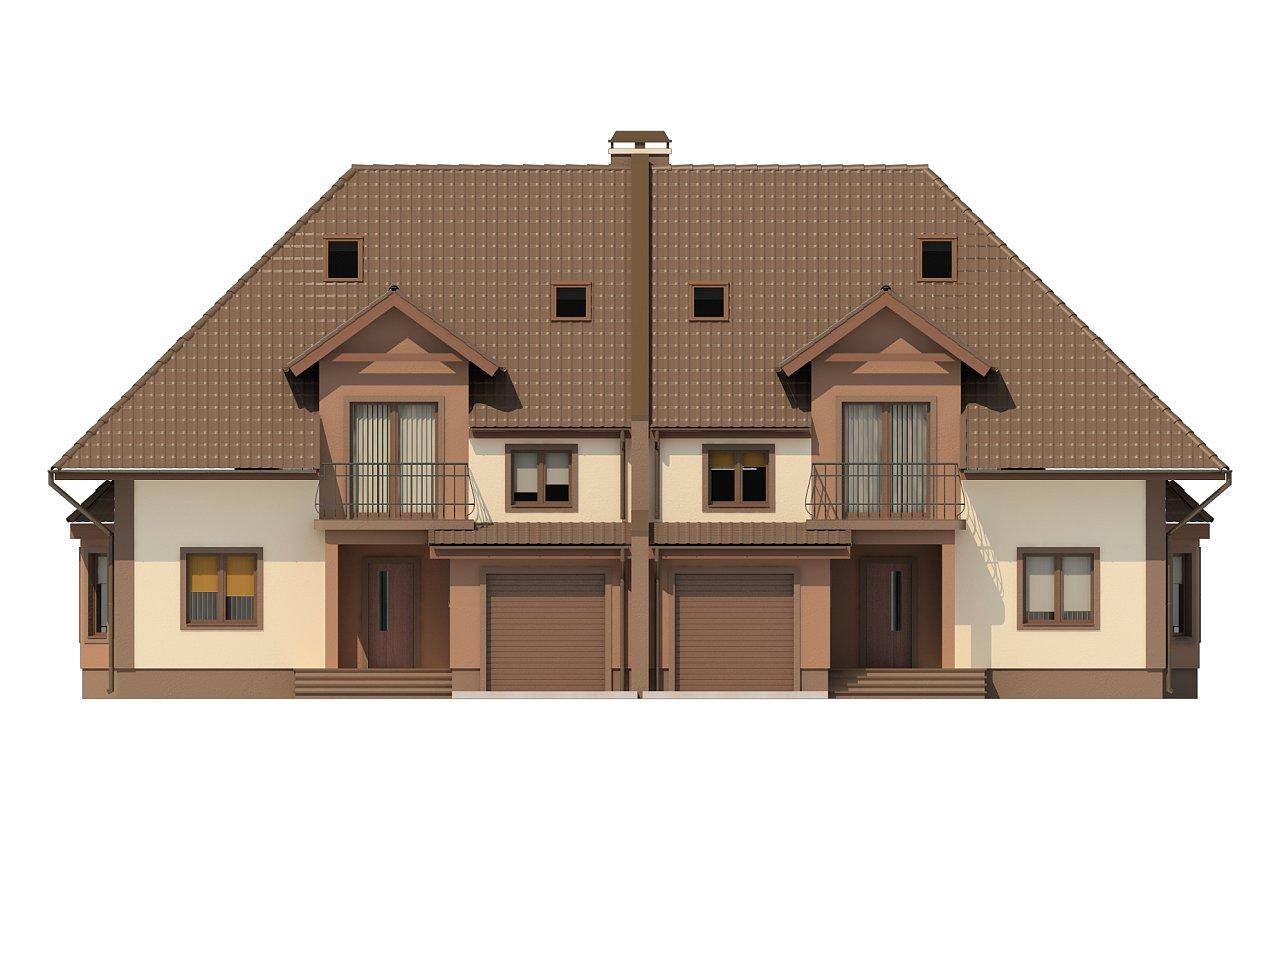 Проект домов близнецов с гаражом и дополнительным помещением на чердаке. 7